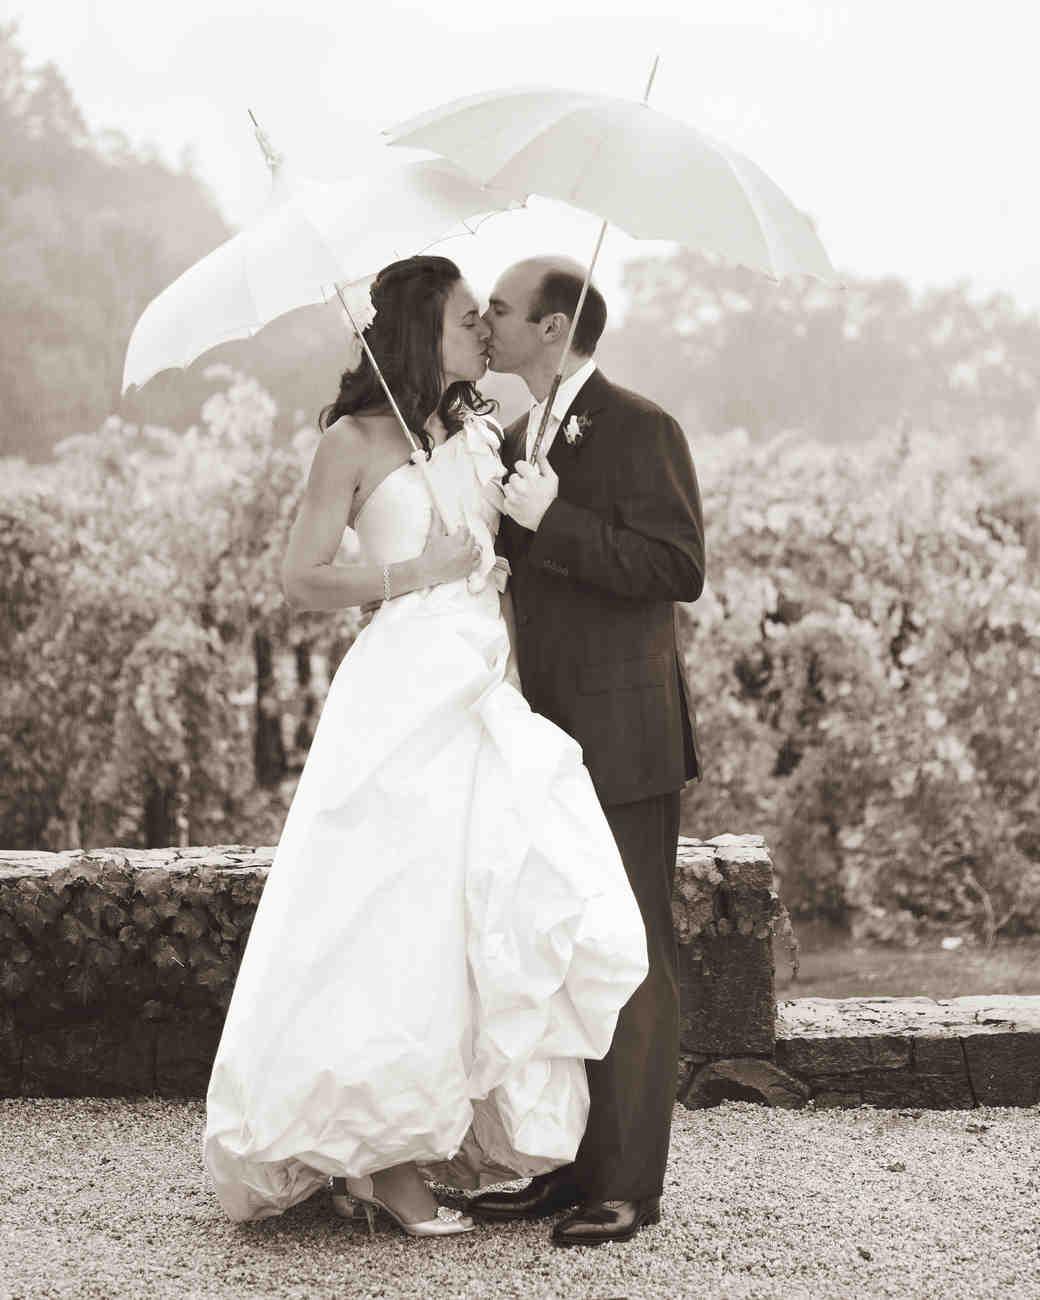 bride-groom-2s06c04-007269-bw-mld104516.jpg